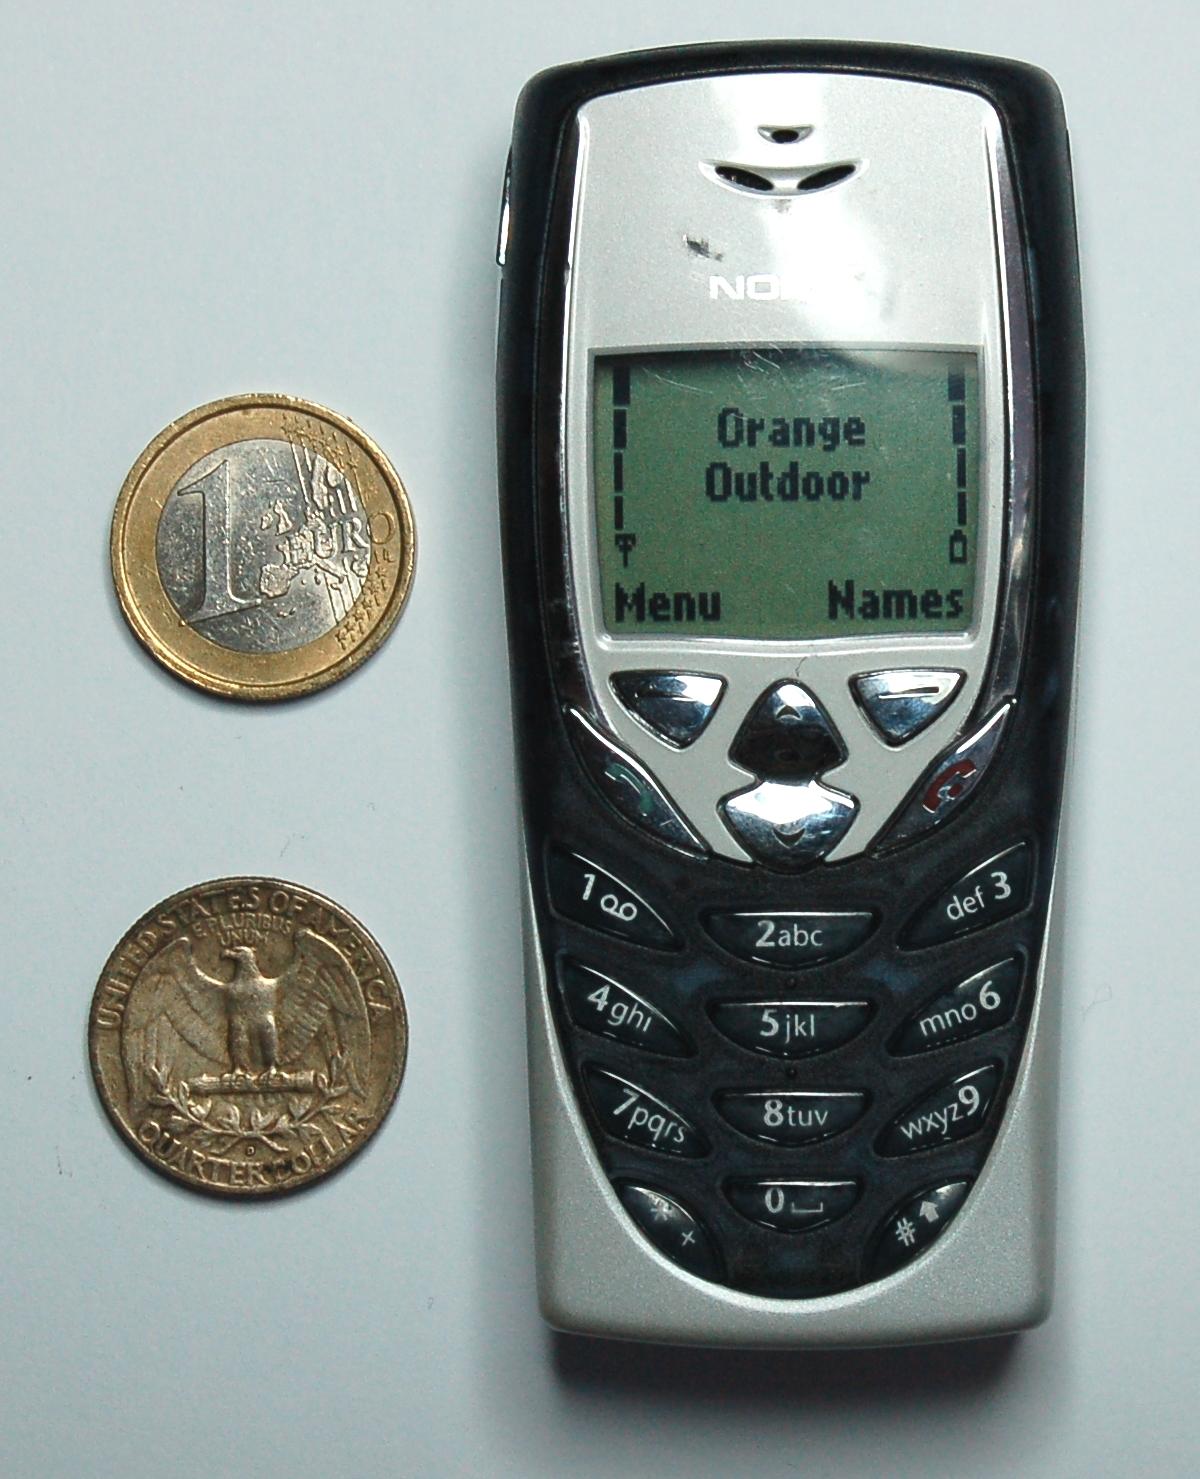 Nokia 8310 Wikipedia